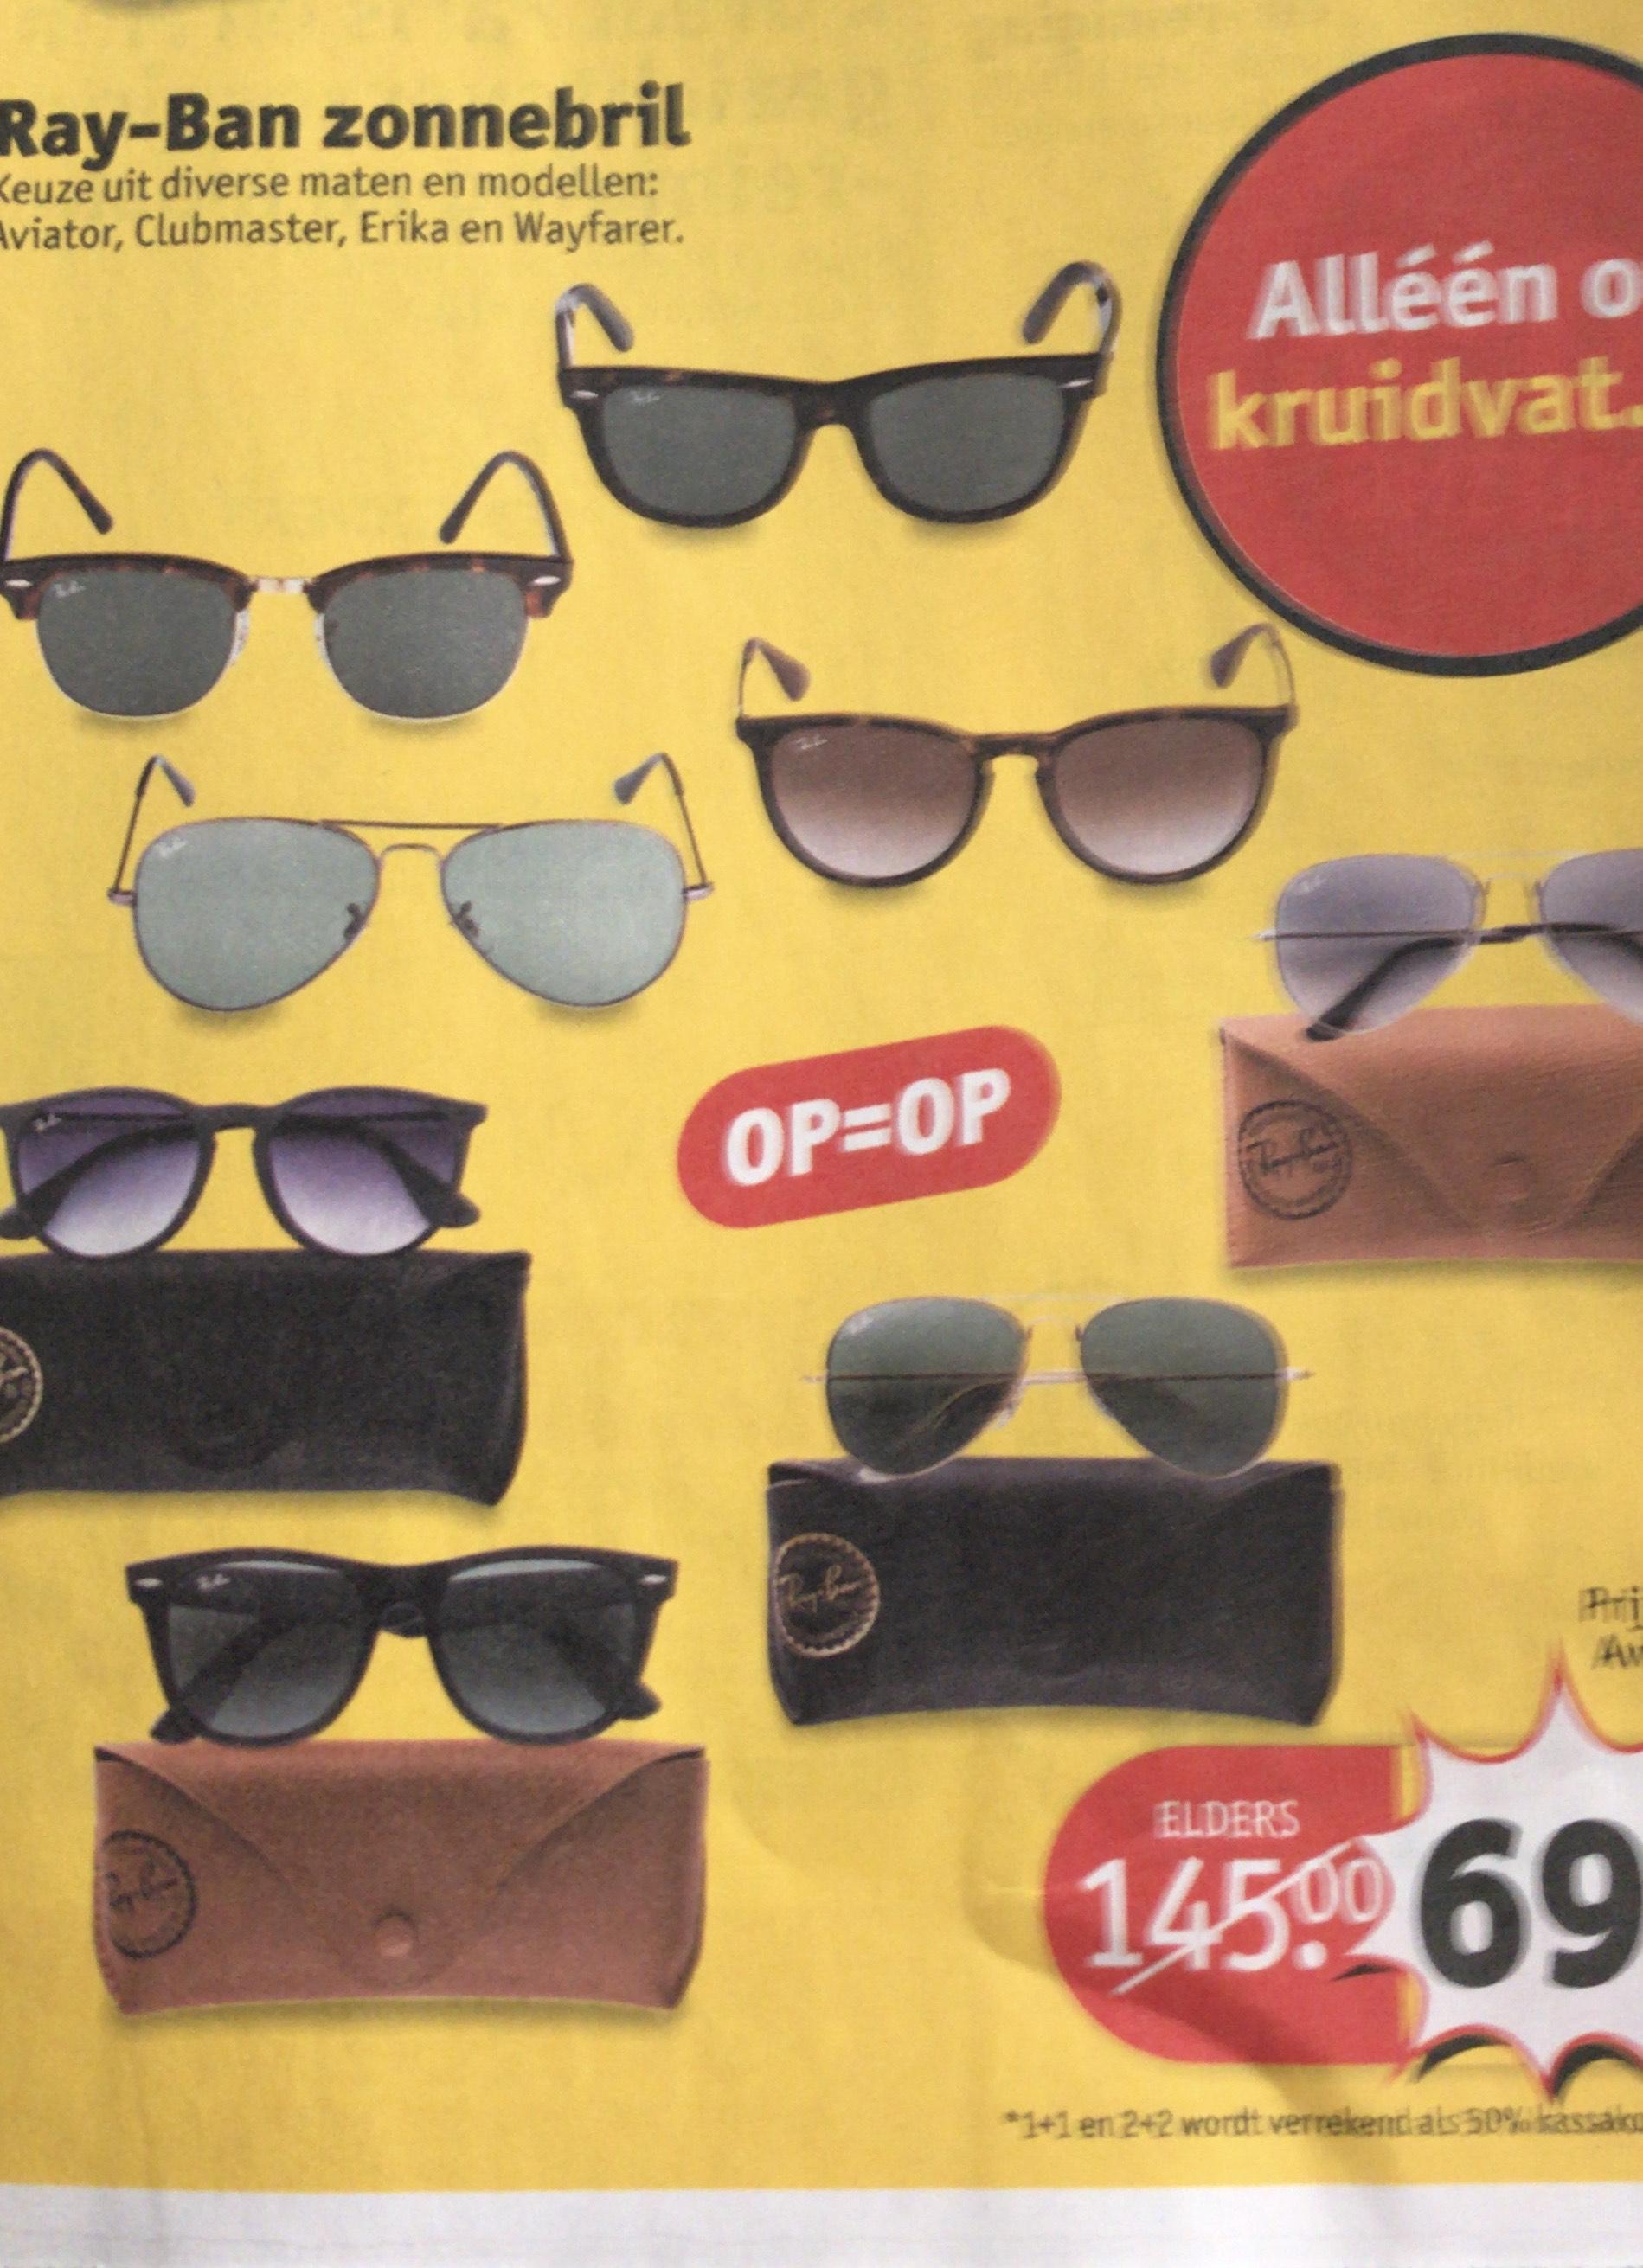 Ray- ban zonnebril 69,99 € vanaf dinsdag bij Kruidvat